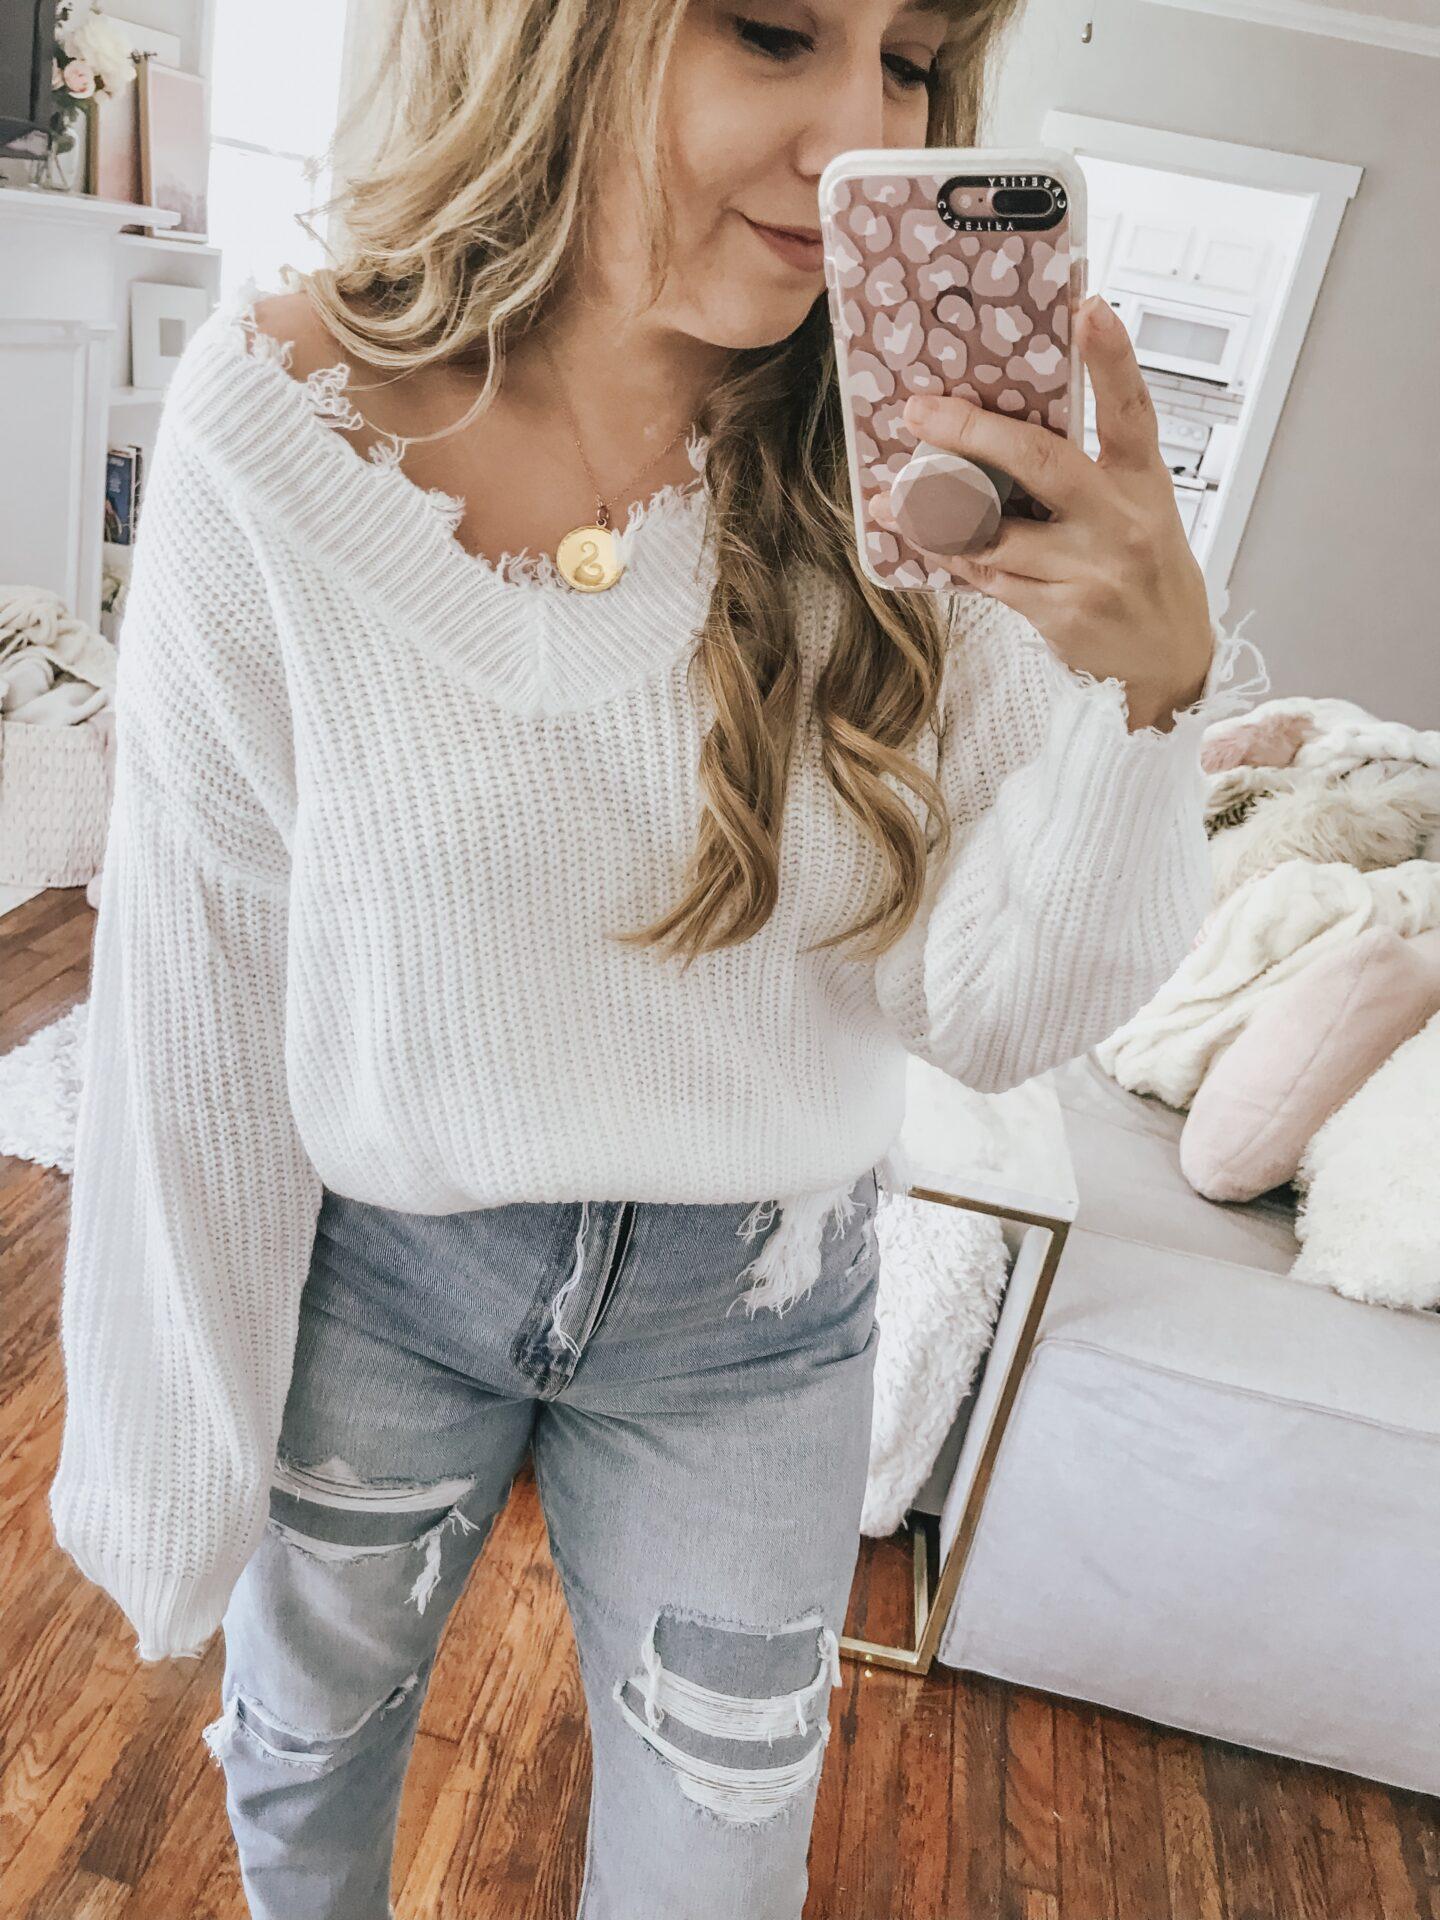 Amazon ripped sweater